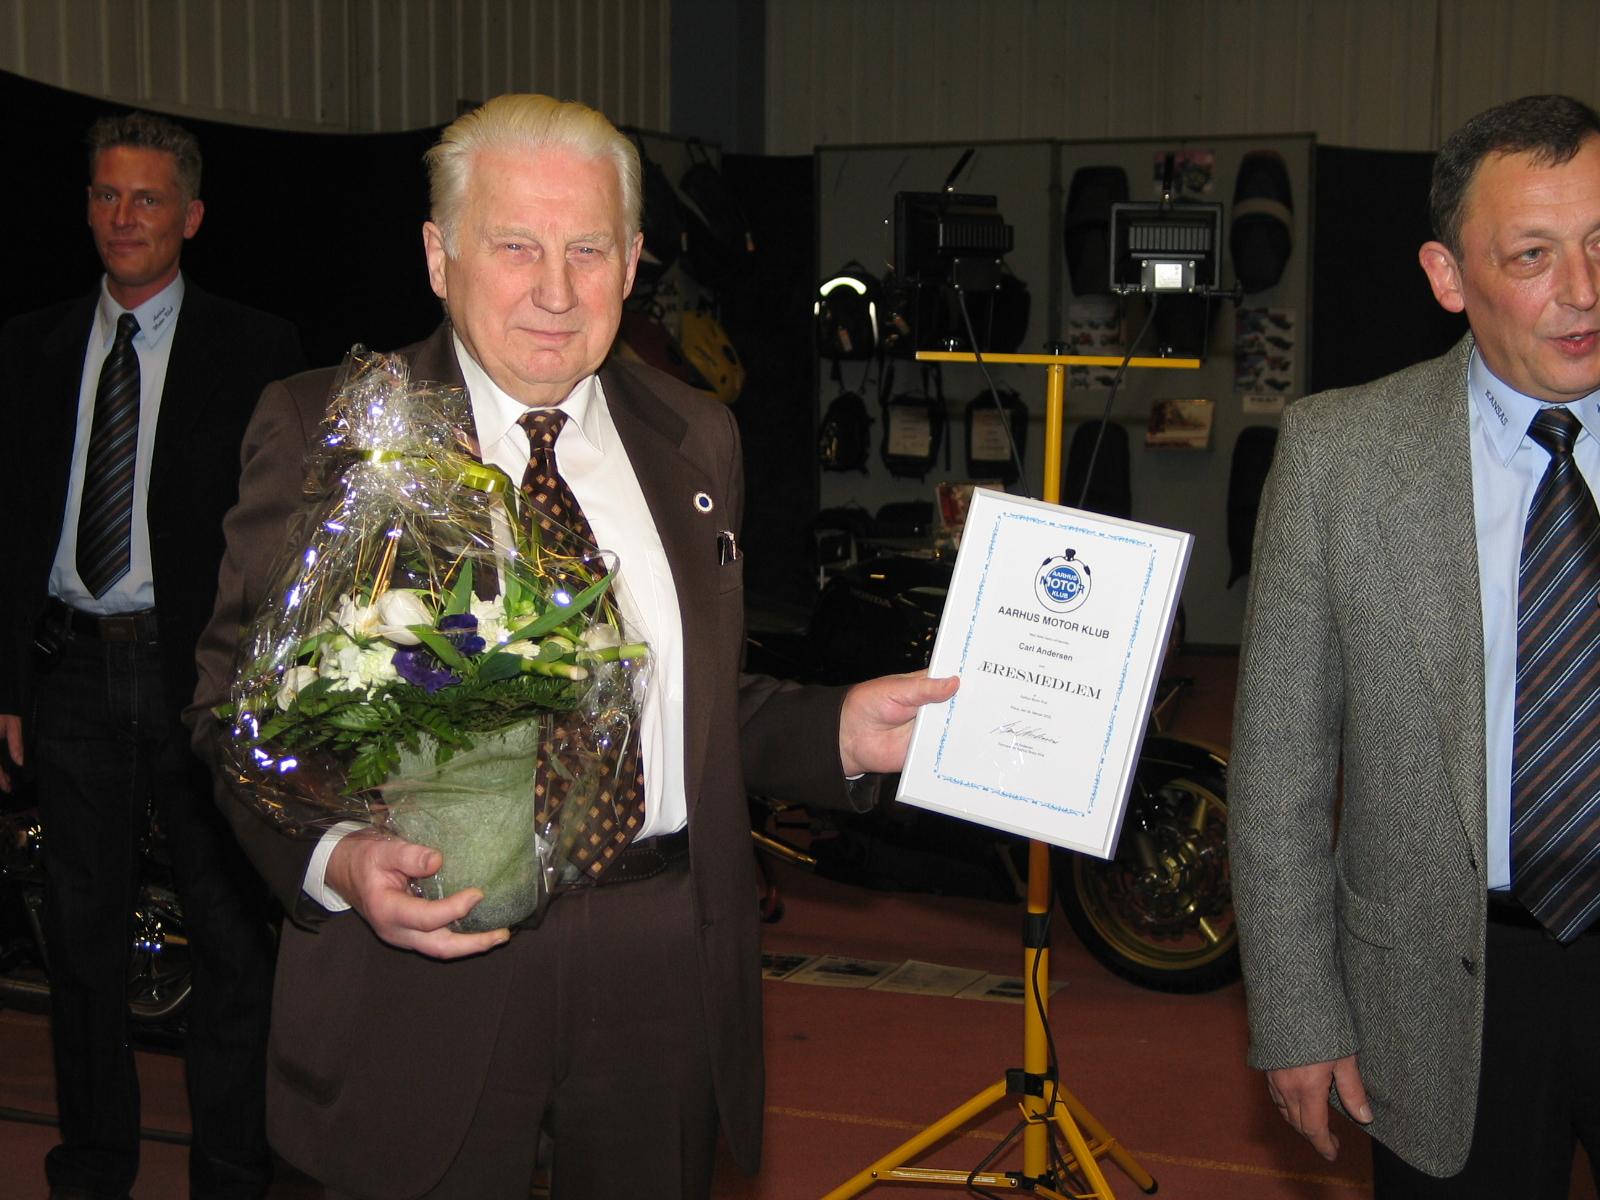 Carl modtager udnævnelsen som æresmedlem i AMK og får et diplom som bevis herpå.